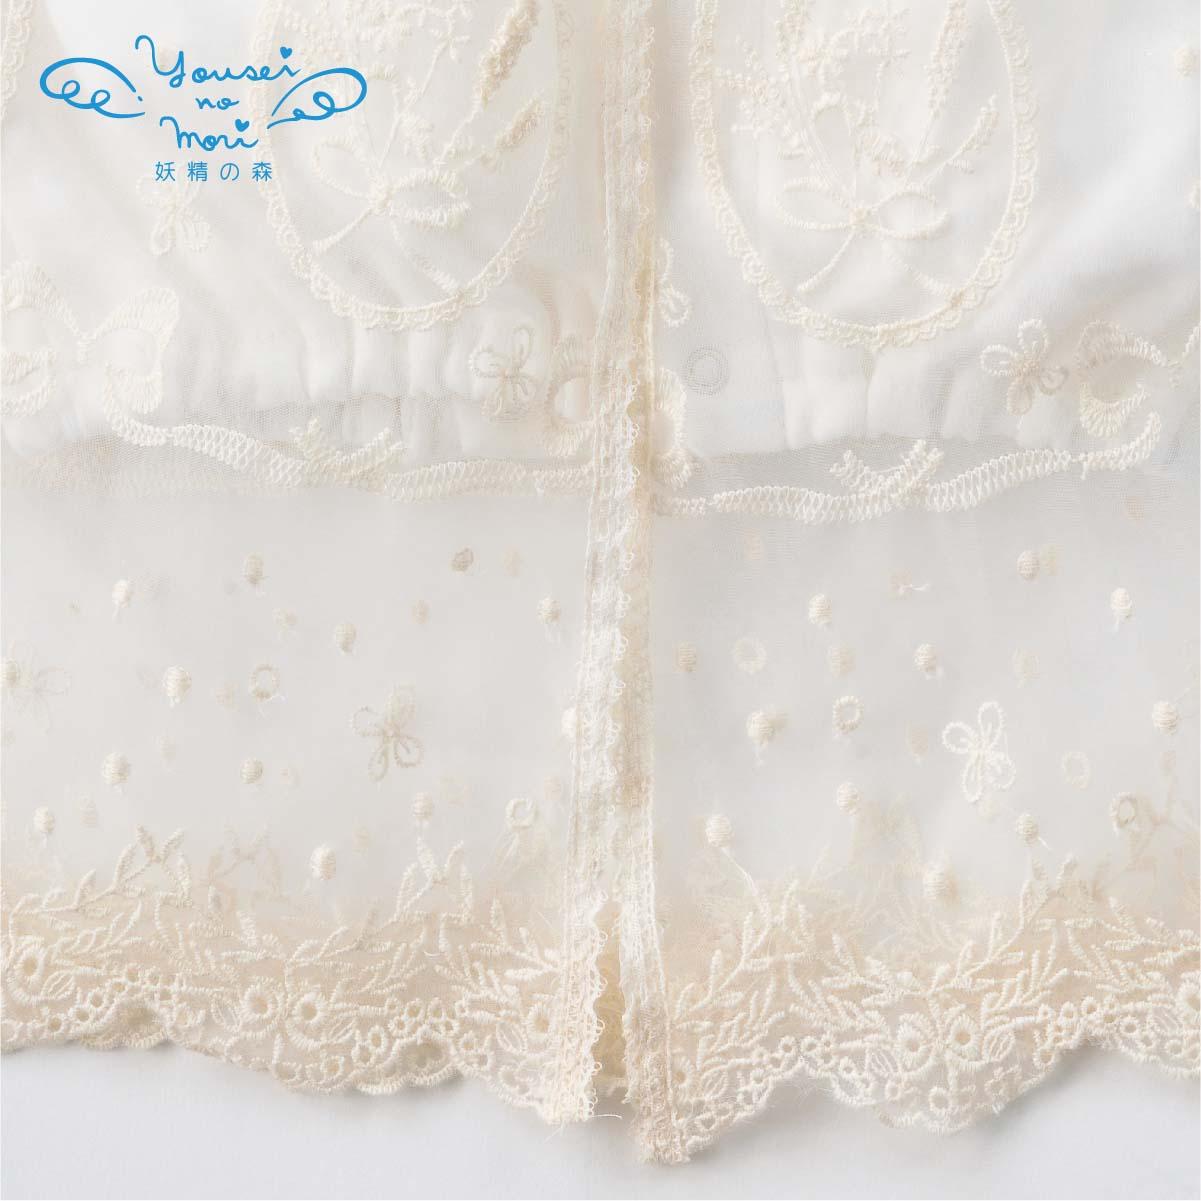 クラシカルレースのセレモニードレスセット YC030(ベビー服)